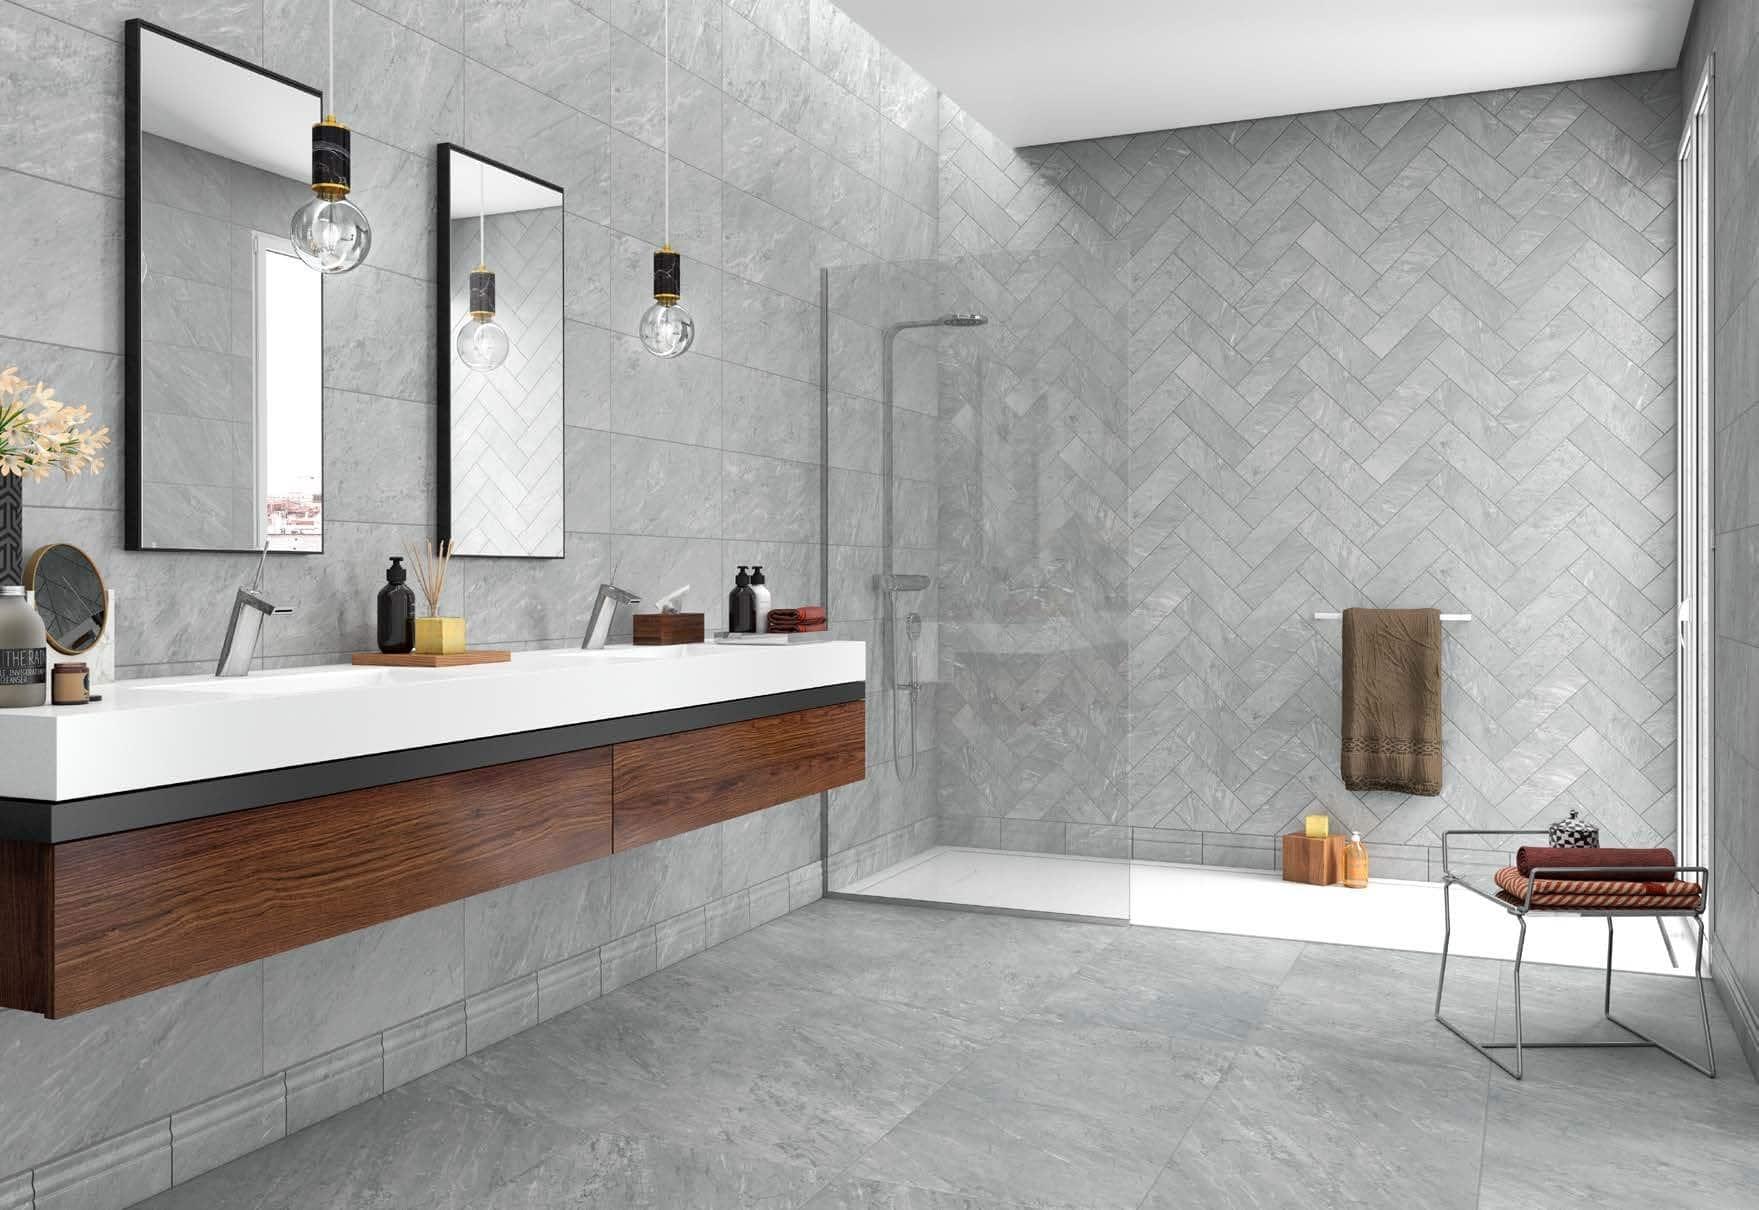 Valencia Stone Giovanni S Tile Design